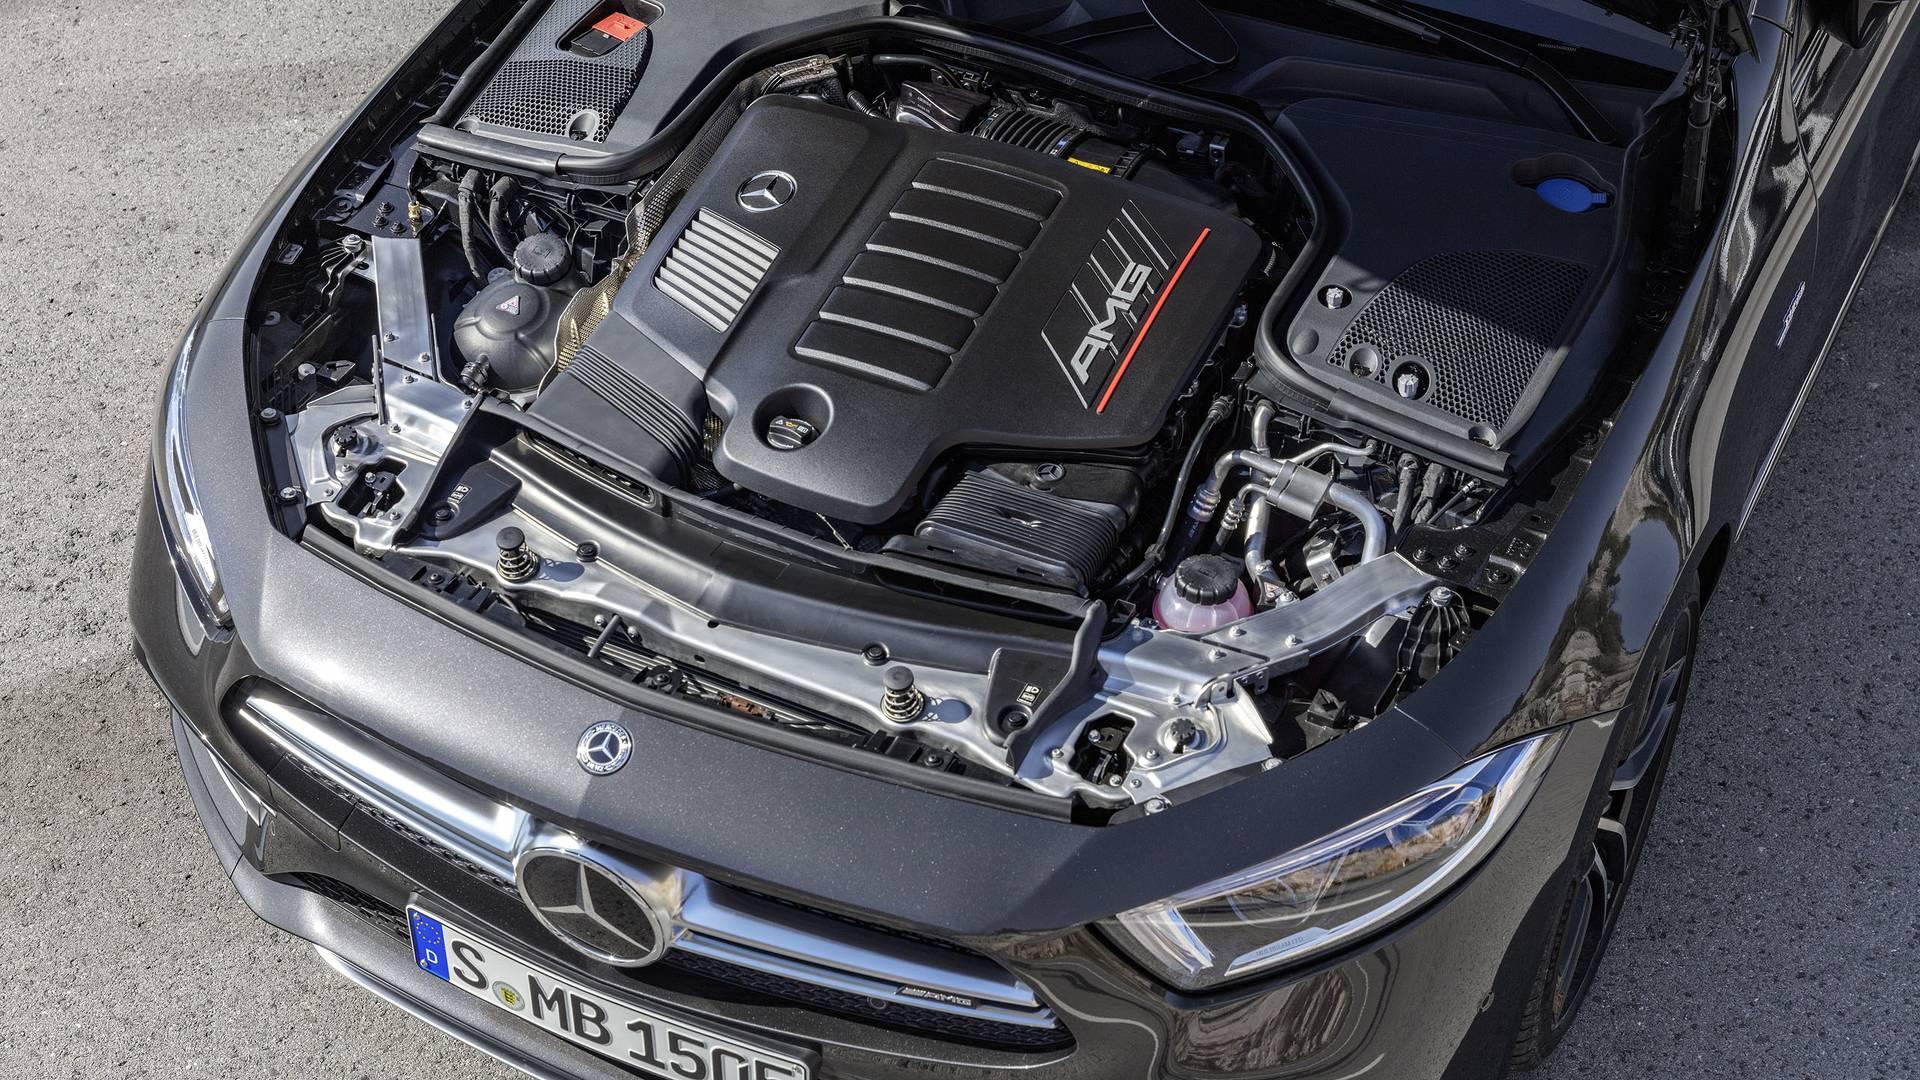 奔驰将逐步淘汰V6发动机 由直列六缸引擎取代